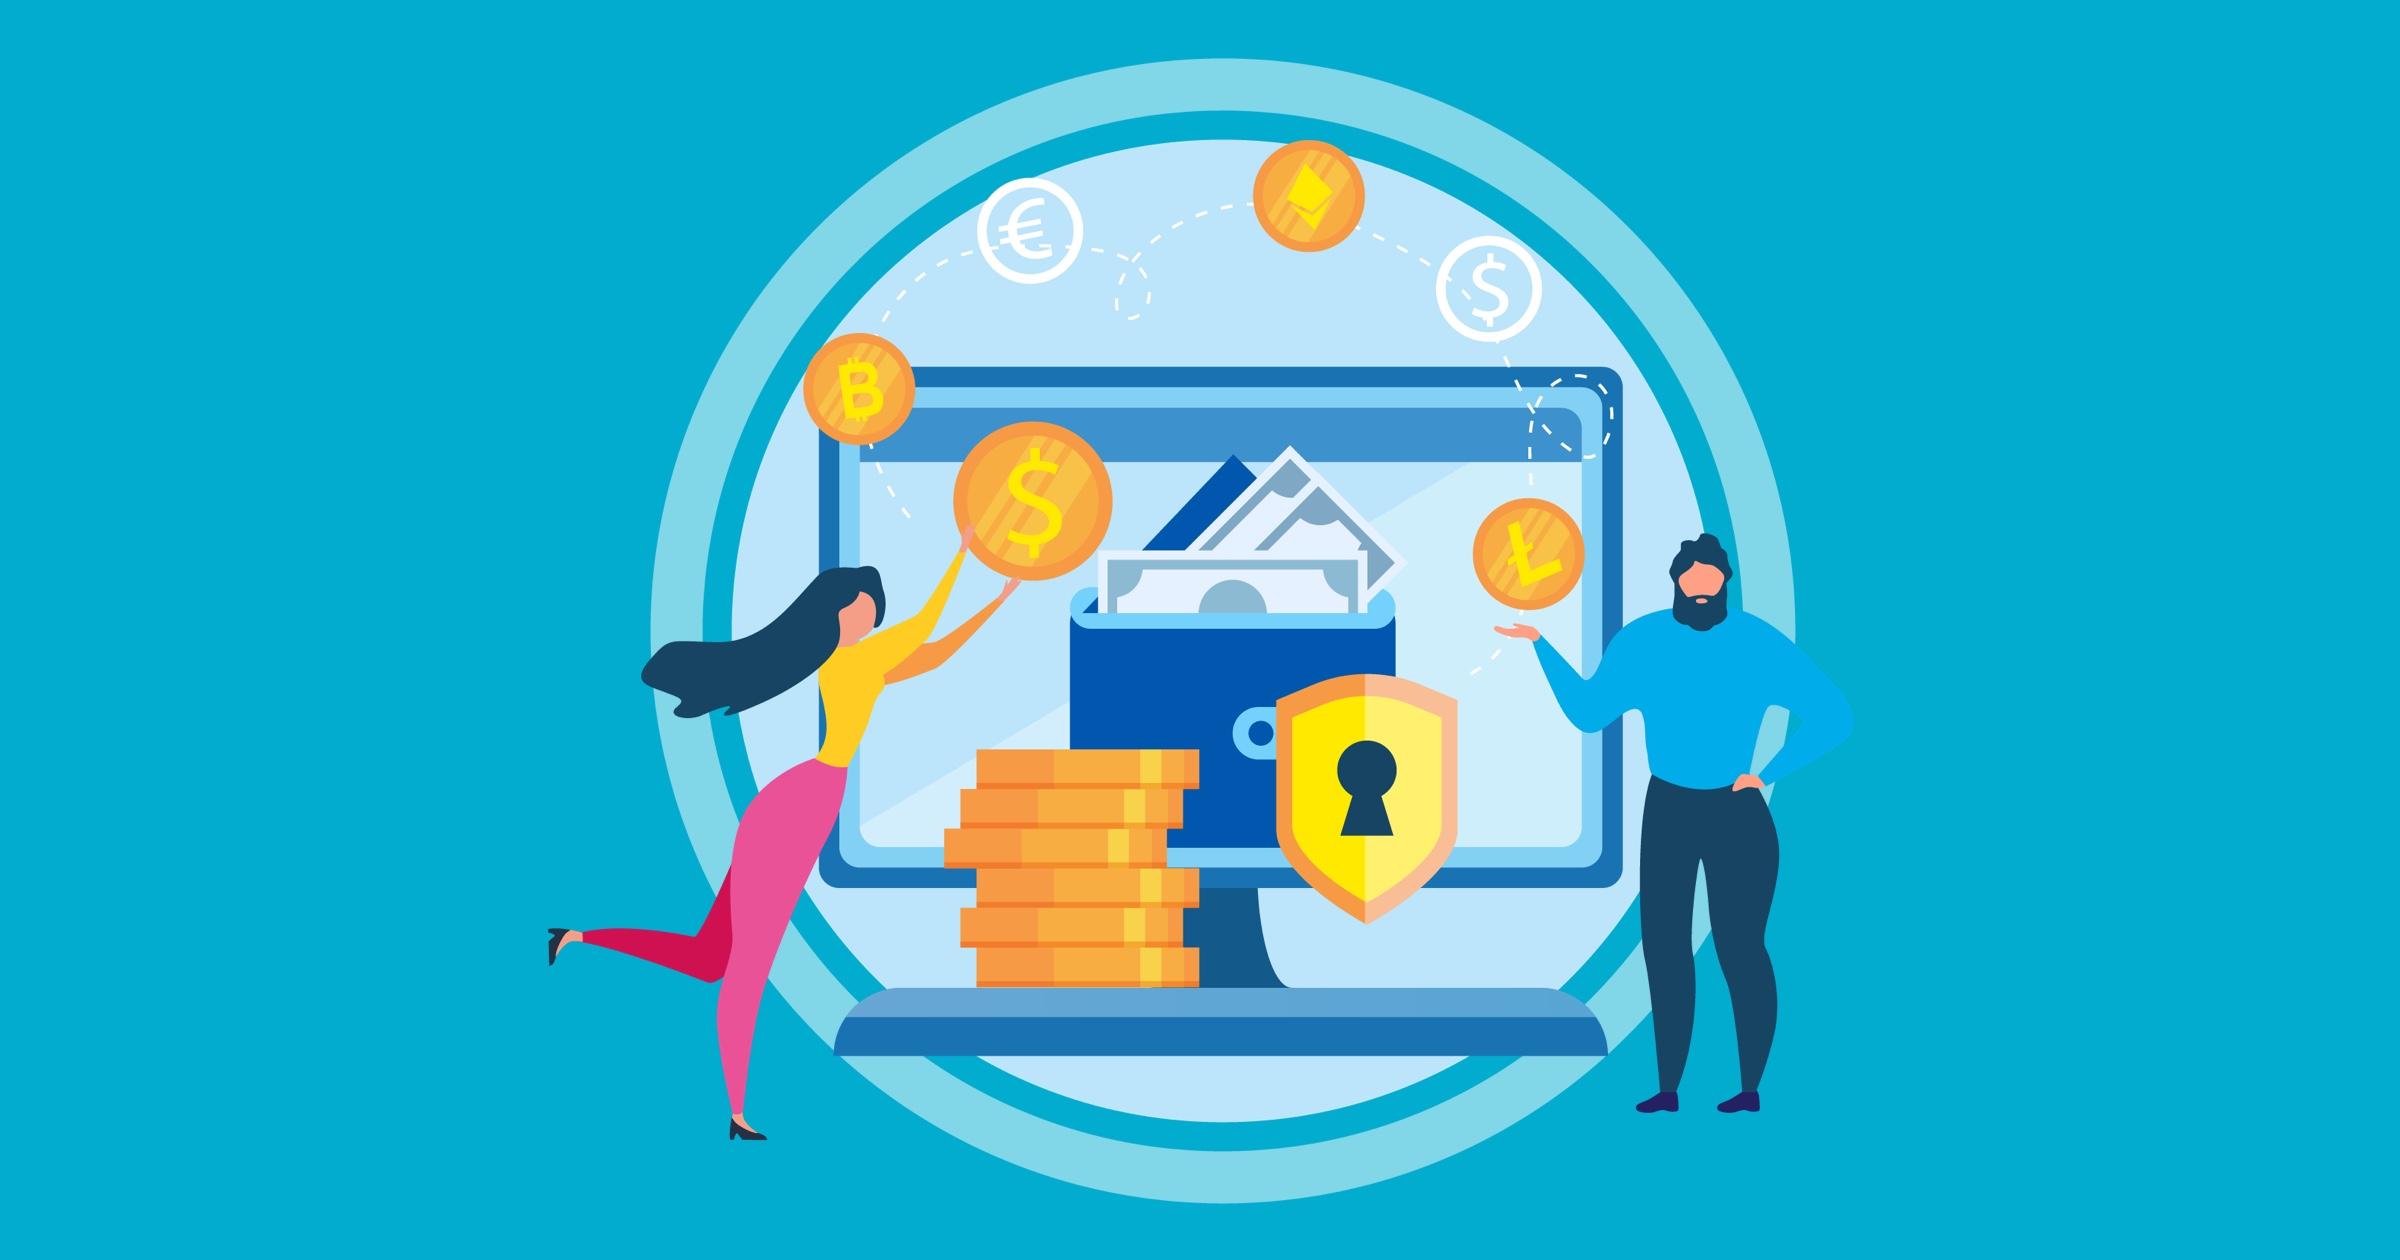 Carteira Bitcoin: o que é e como funciona | Investtor